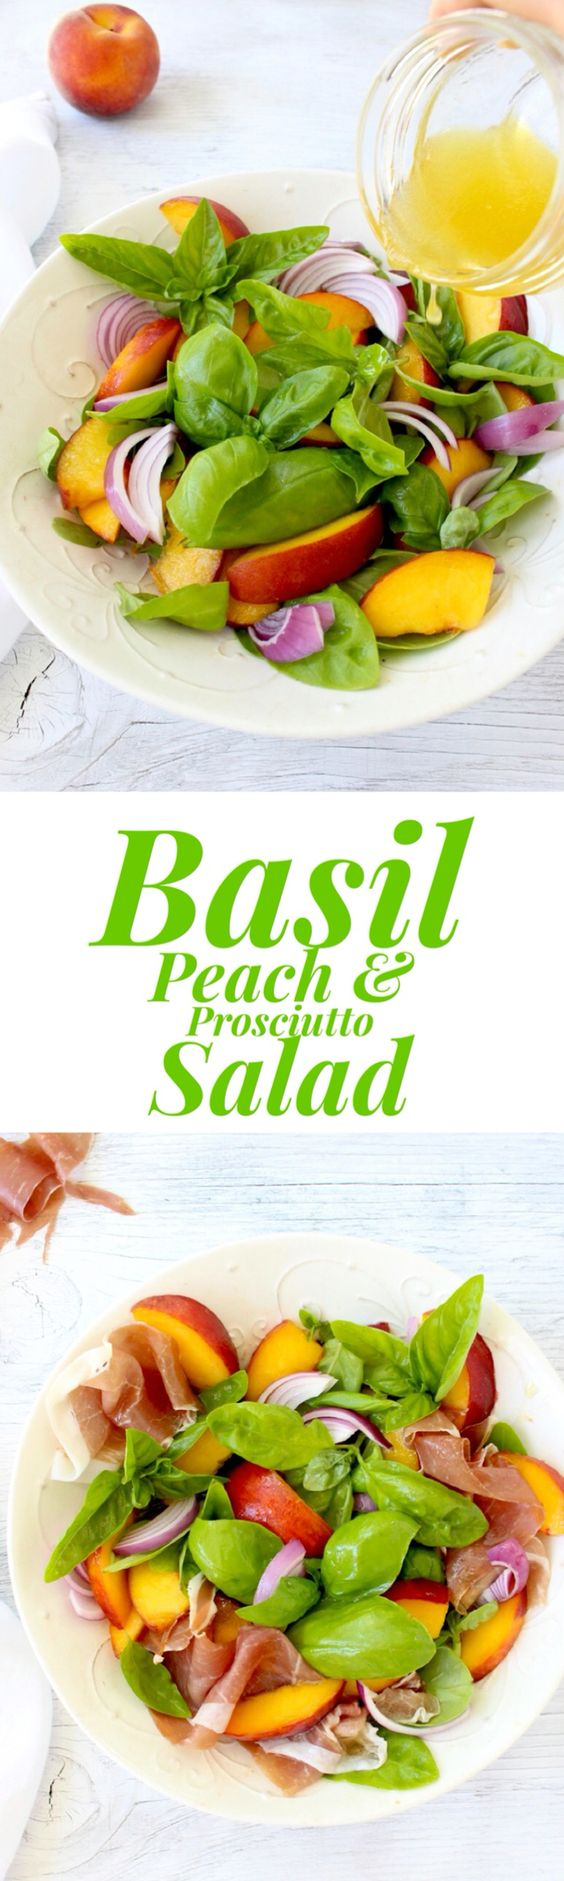 Basil Peach Salad Recipe with Honey Lemon Vinaigrette and Prosciutto di Parma   CiaoFlorentina.com @CiaoFlorentina